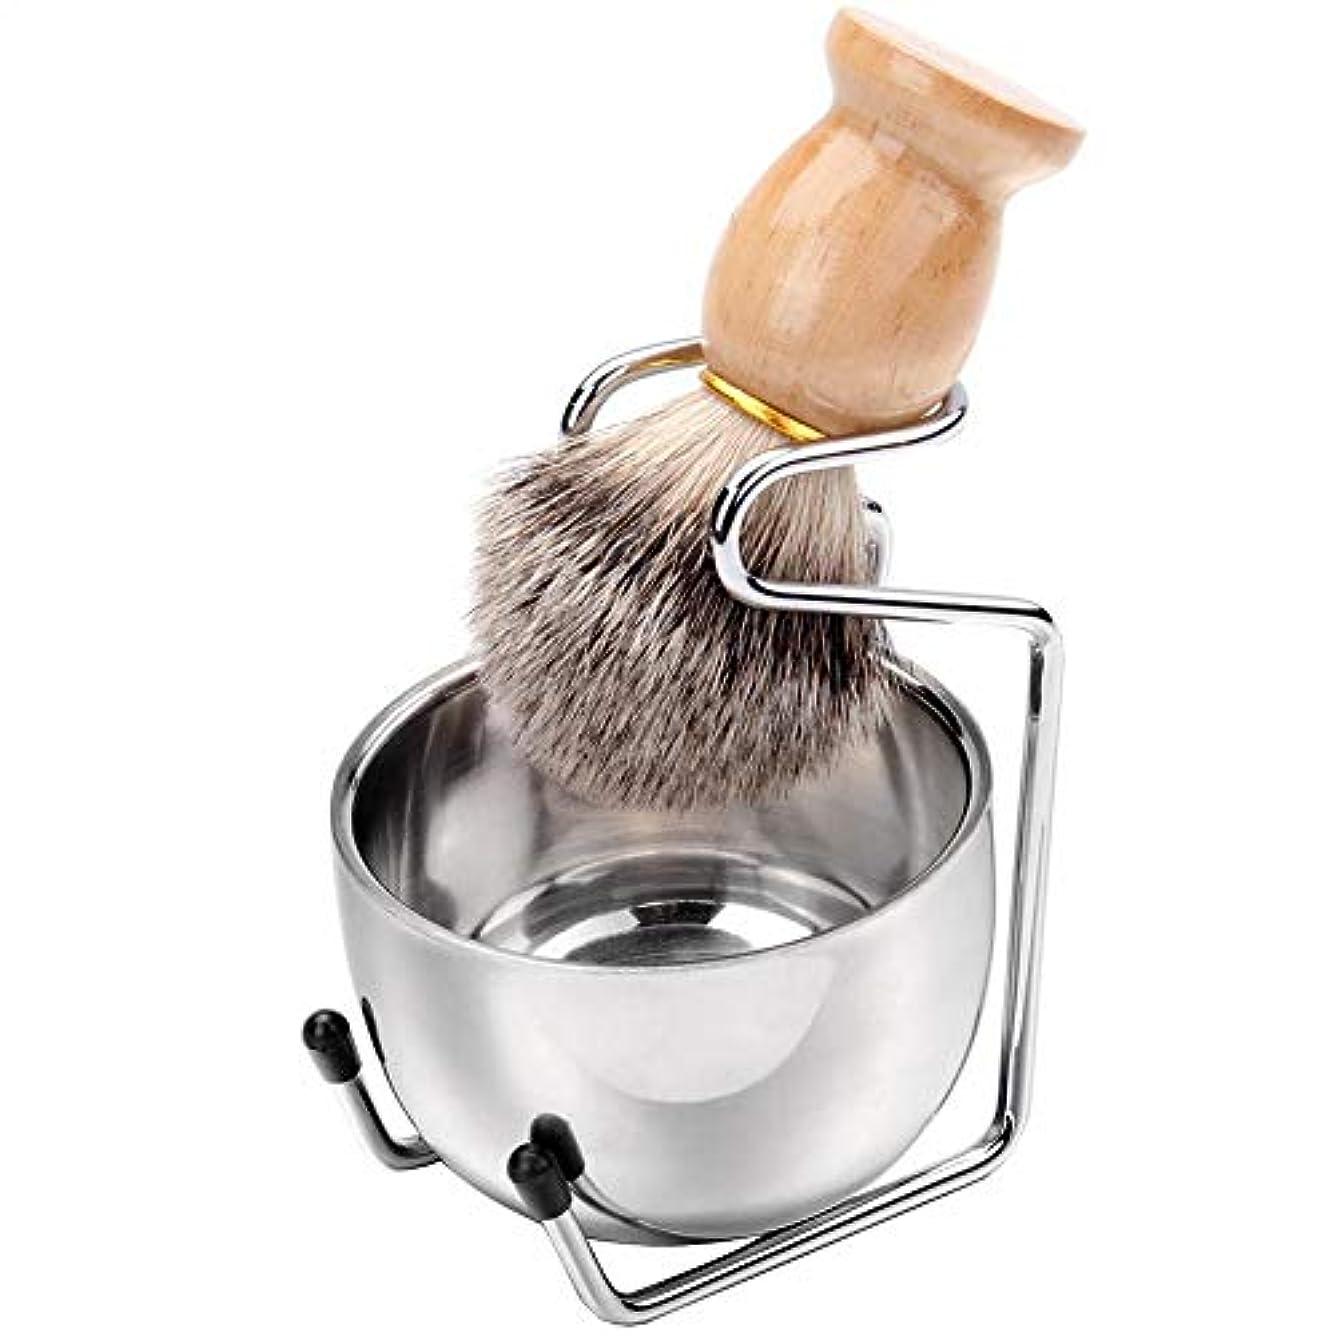 息子病的慣れるcoldwhite ひげブラシ シェービングブラシセット 3点セット純粋なバッガーヘアシェービングブラシ ステンレス製の剃刀スタンド ステンレススチールシェービング石鹸ボウル 髭剃り 泡立ち 洗顔ブラシ メンズ ブラック